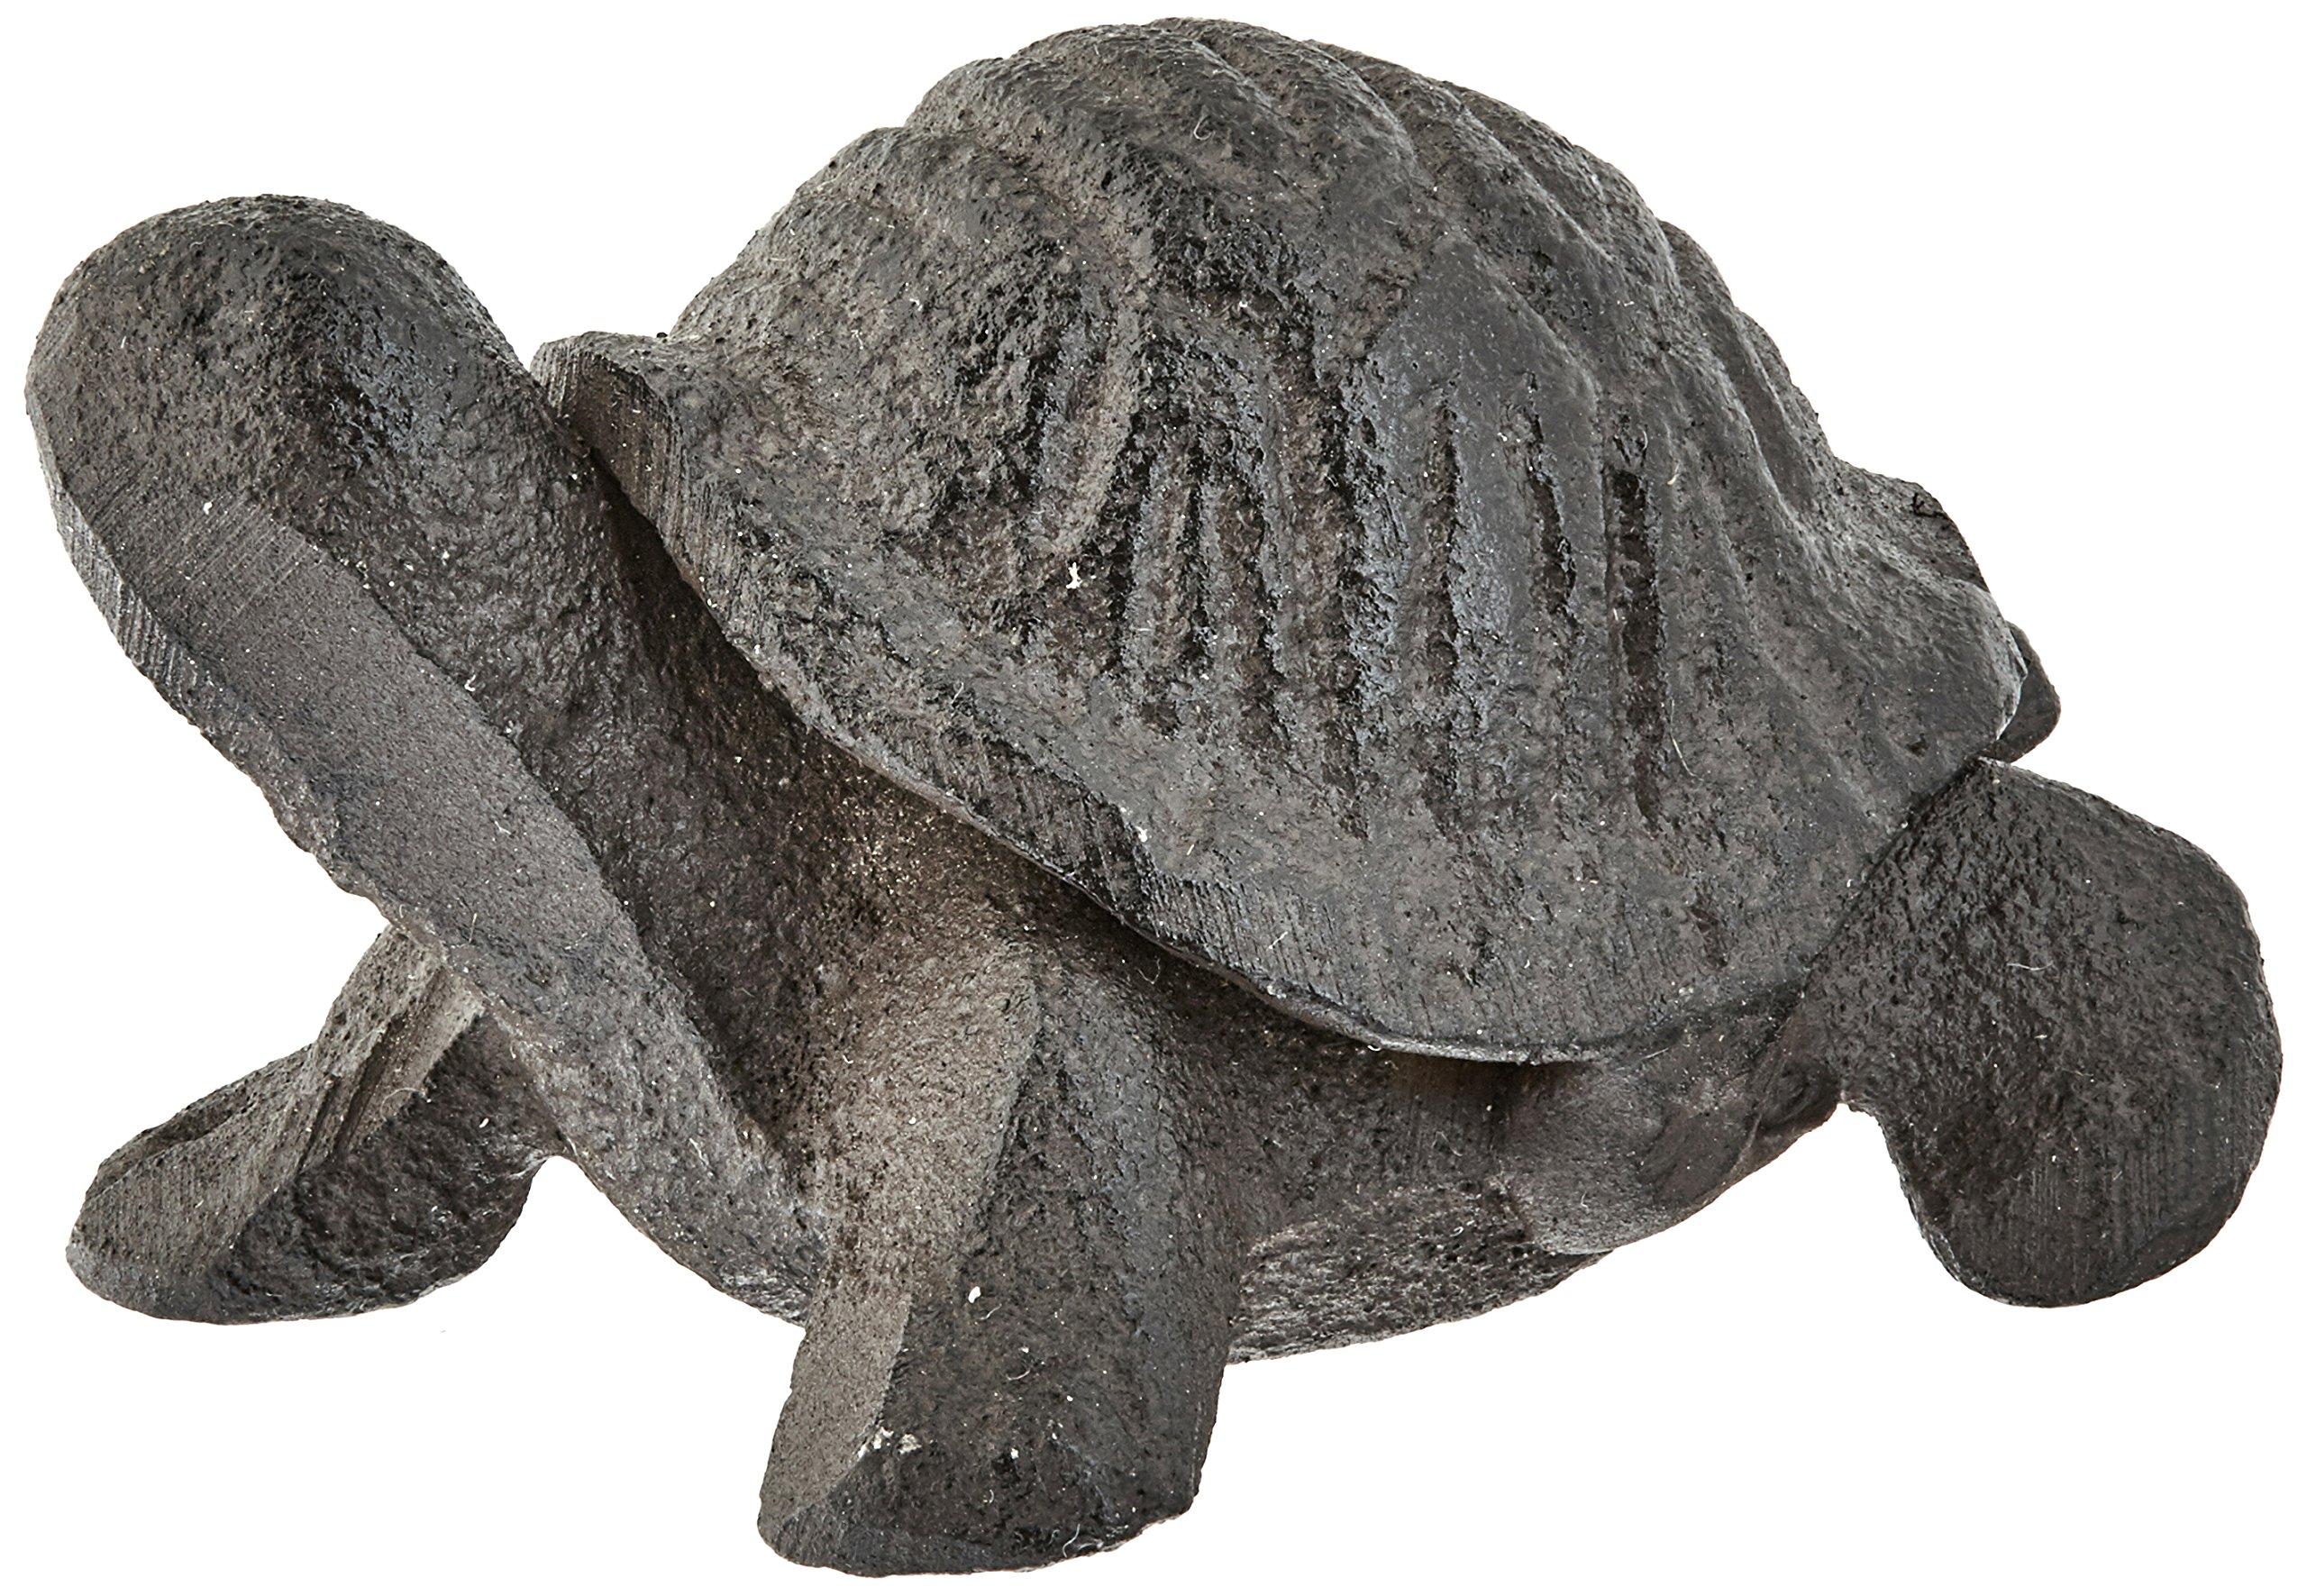 Abbott Collection Dark Brown Mini Turtle Figurine